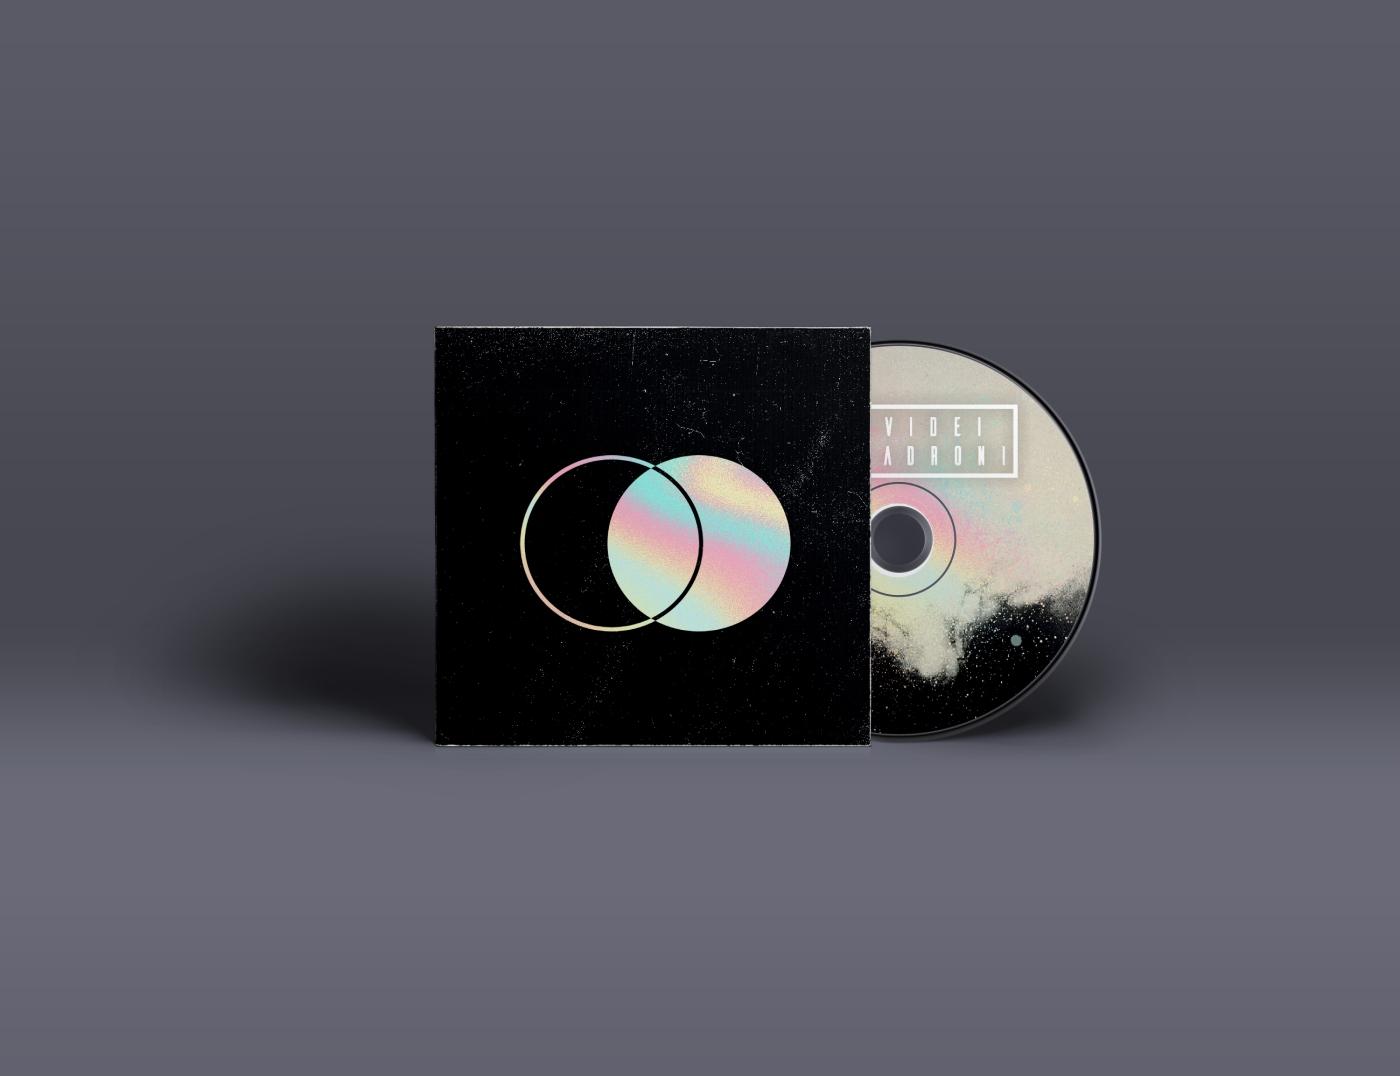 Servi Dei Due Padroni, Single Review, Italy, Elisa Marra vocals, Filippo Moreschini Guitar, Eugenia Razzano bass, debut EP